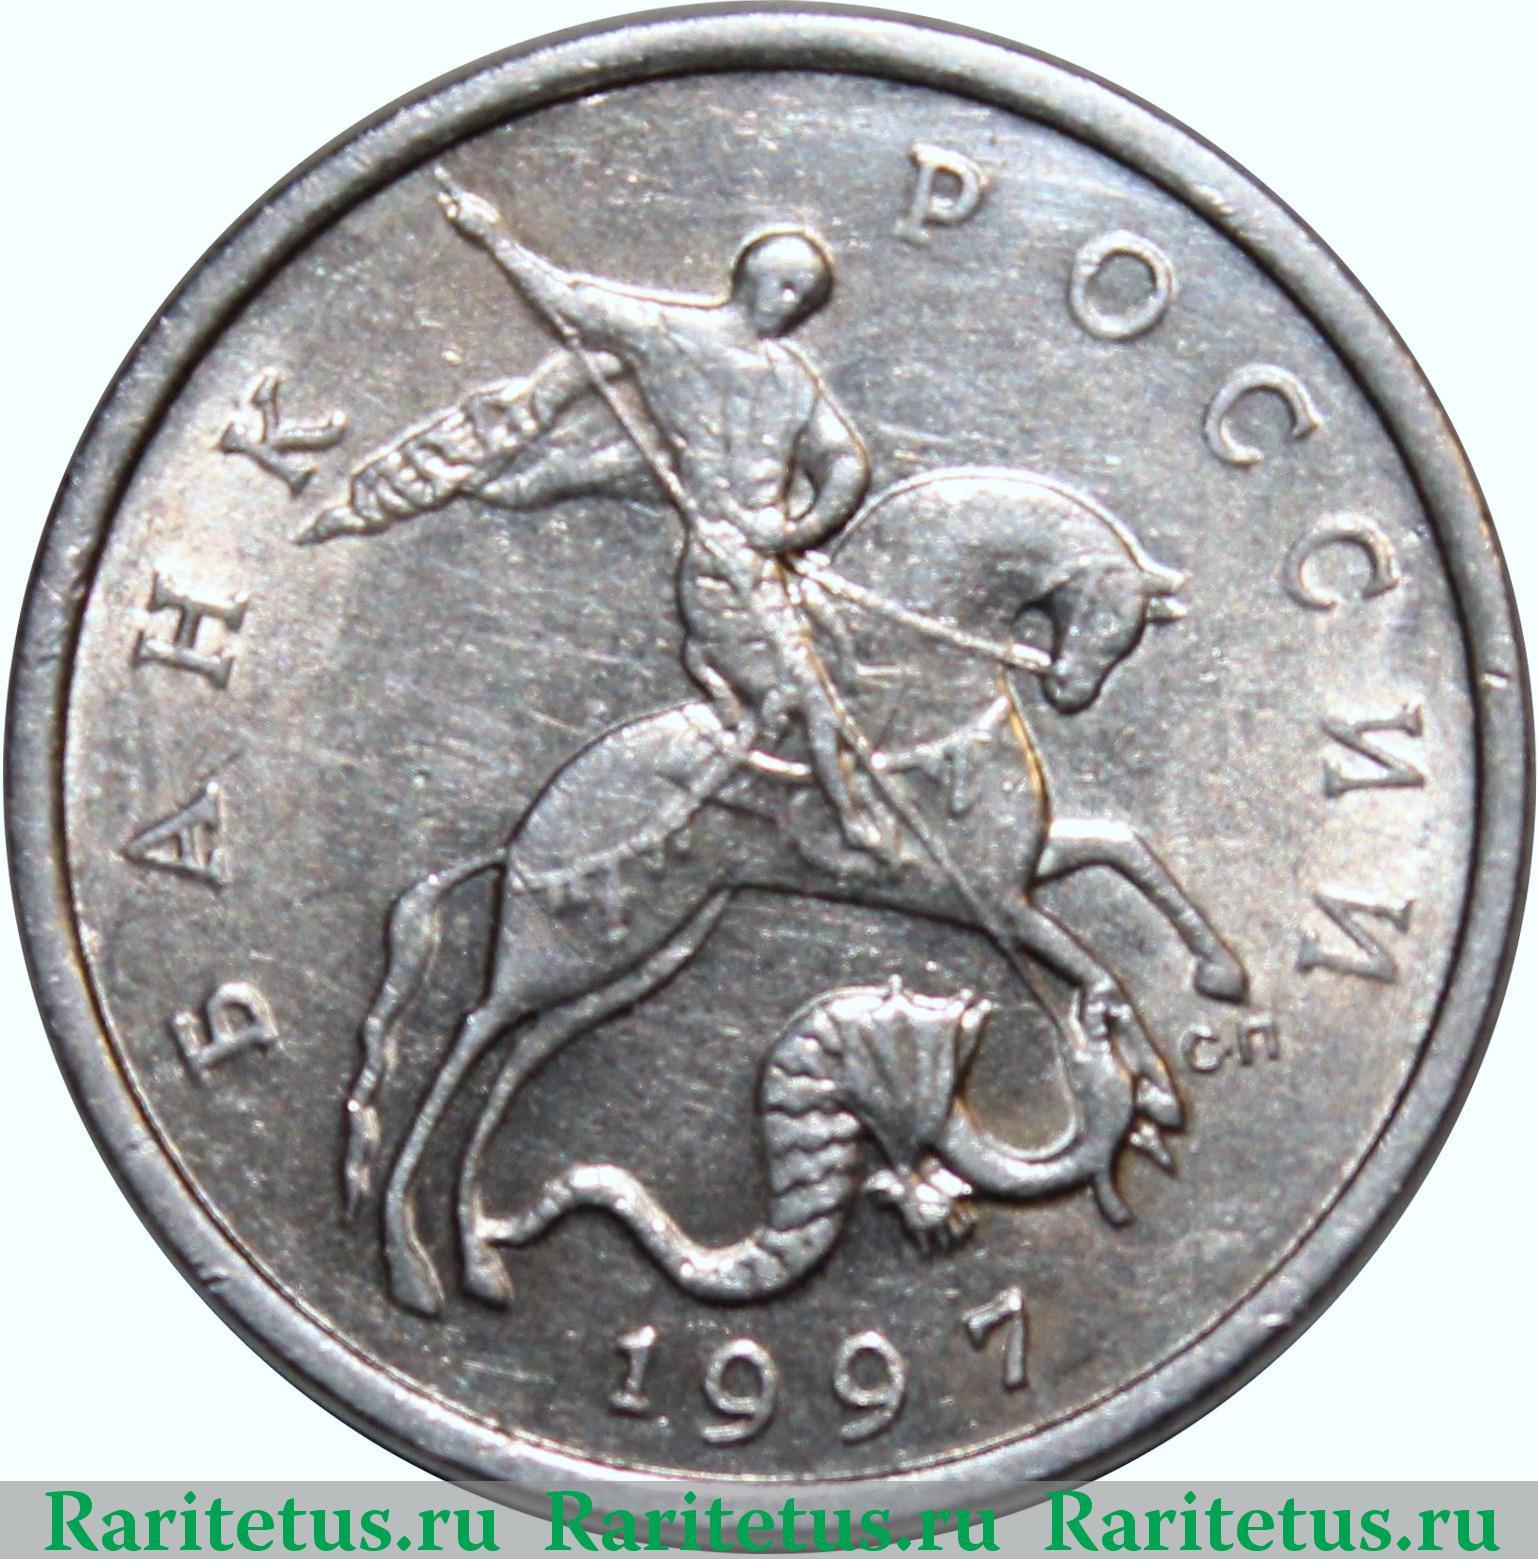 5 коп 1997 года цена старые советские деньги стоимость